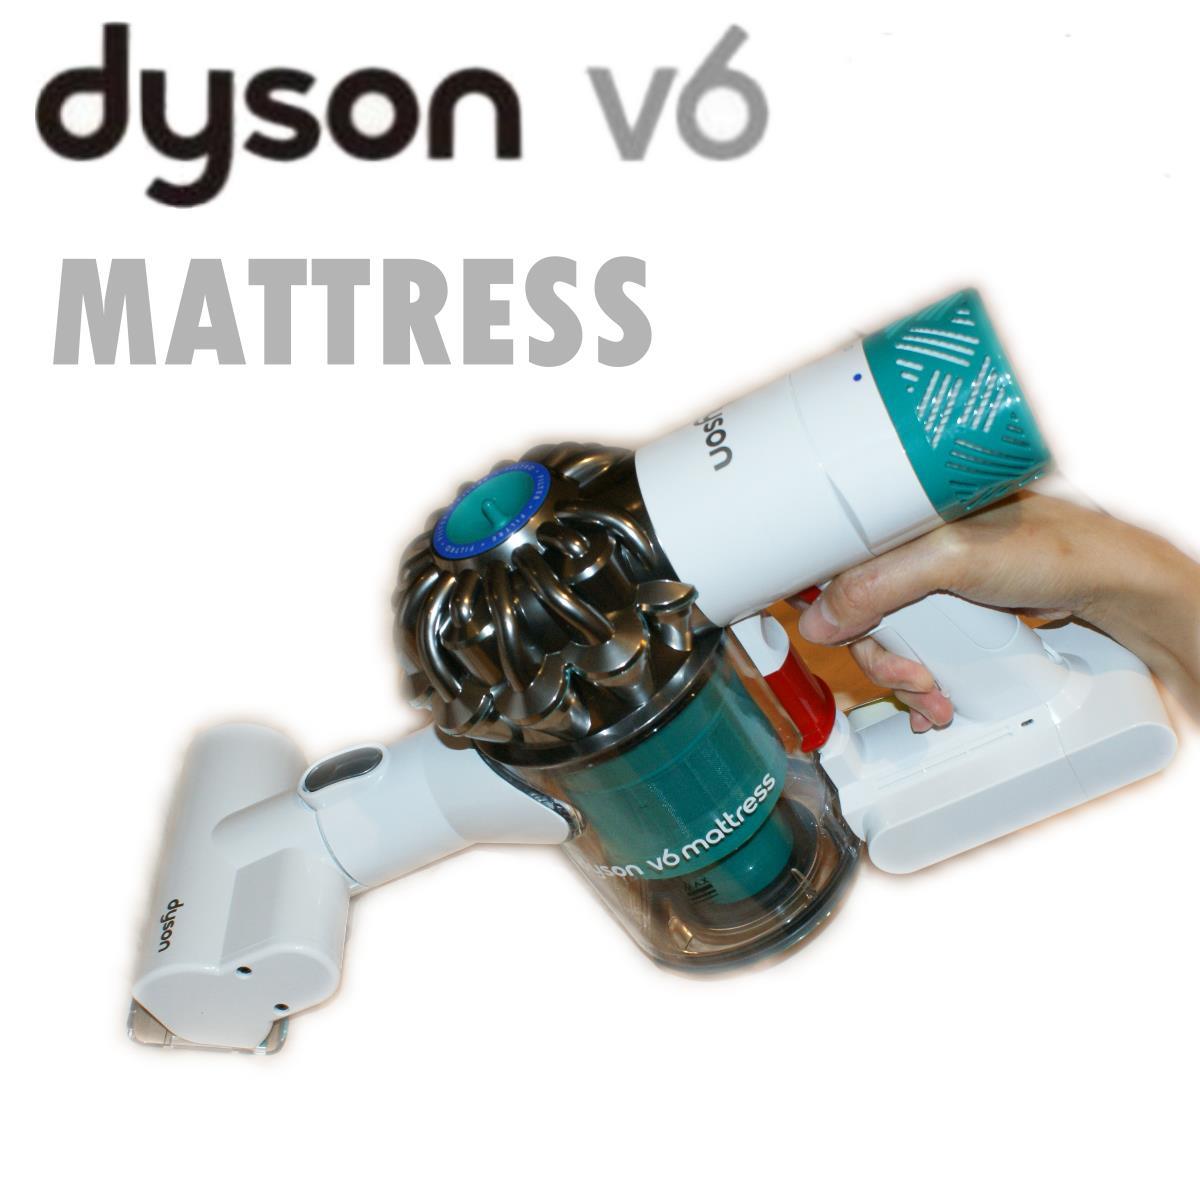 [2/28前,PG會員領券再折350] dyson V6 mattress HH08 HH07無線除塵蹣機 吸塵器 手持 附4吸頭 白綠色 現貨 6期0% 保固一年